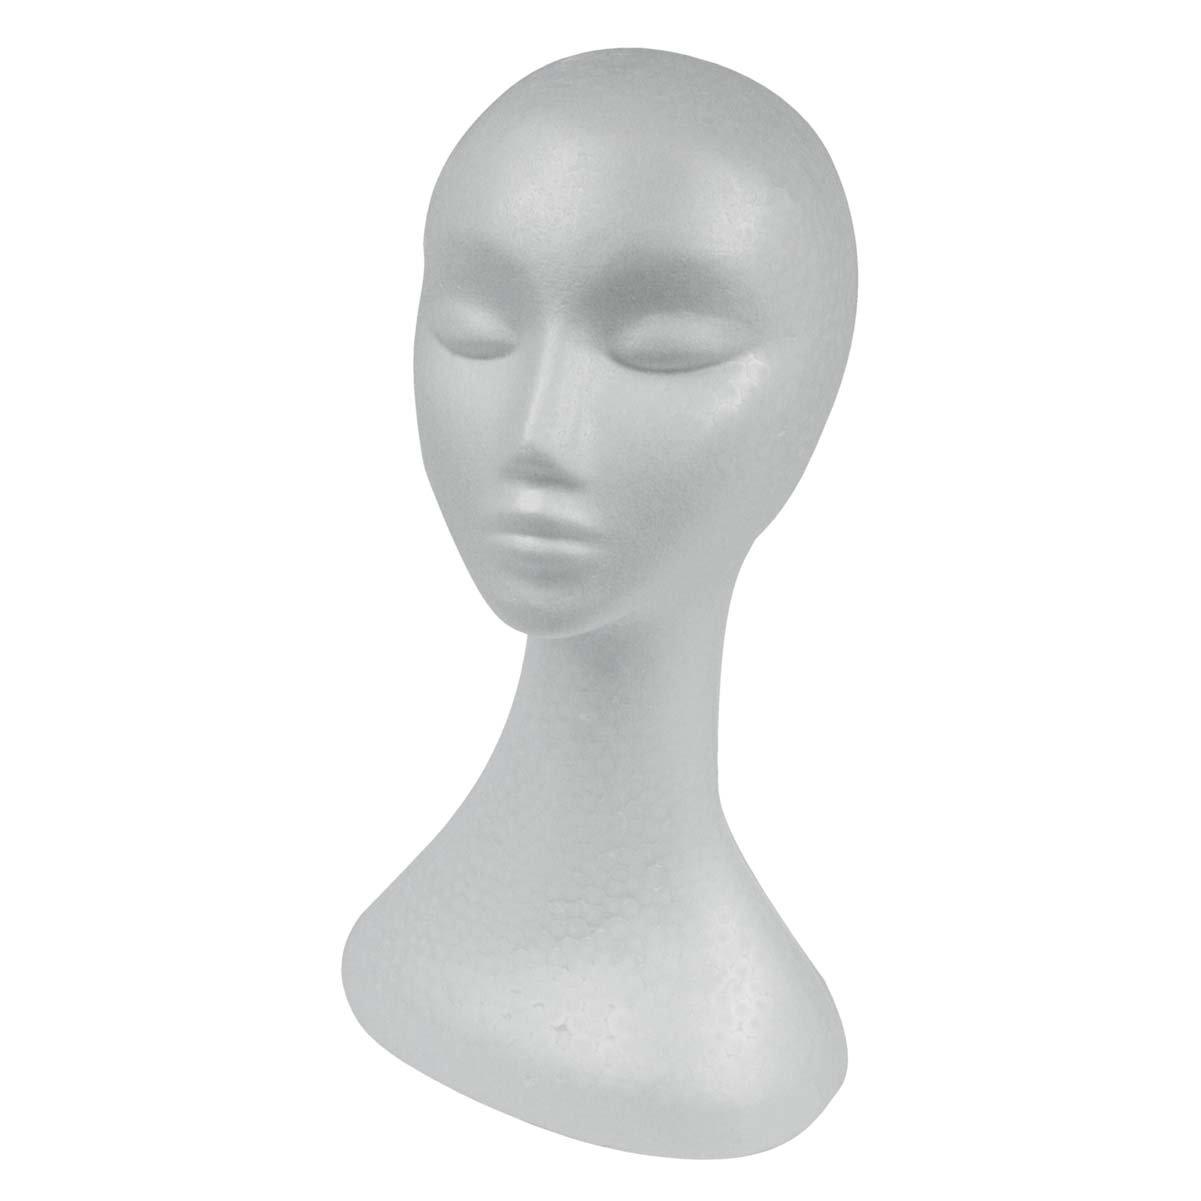 Testa in polistirolo per parrucche, extra-altra